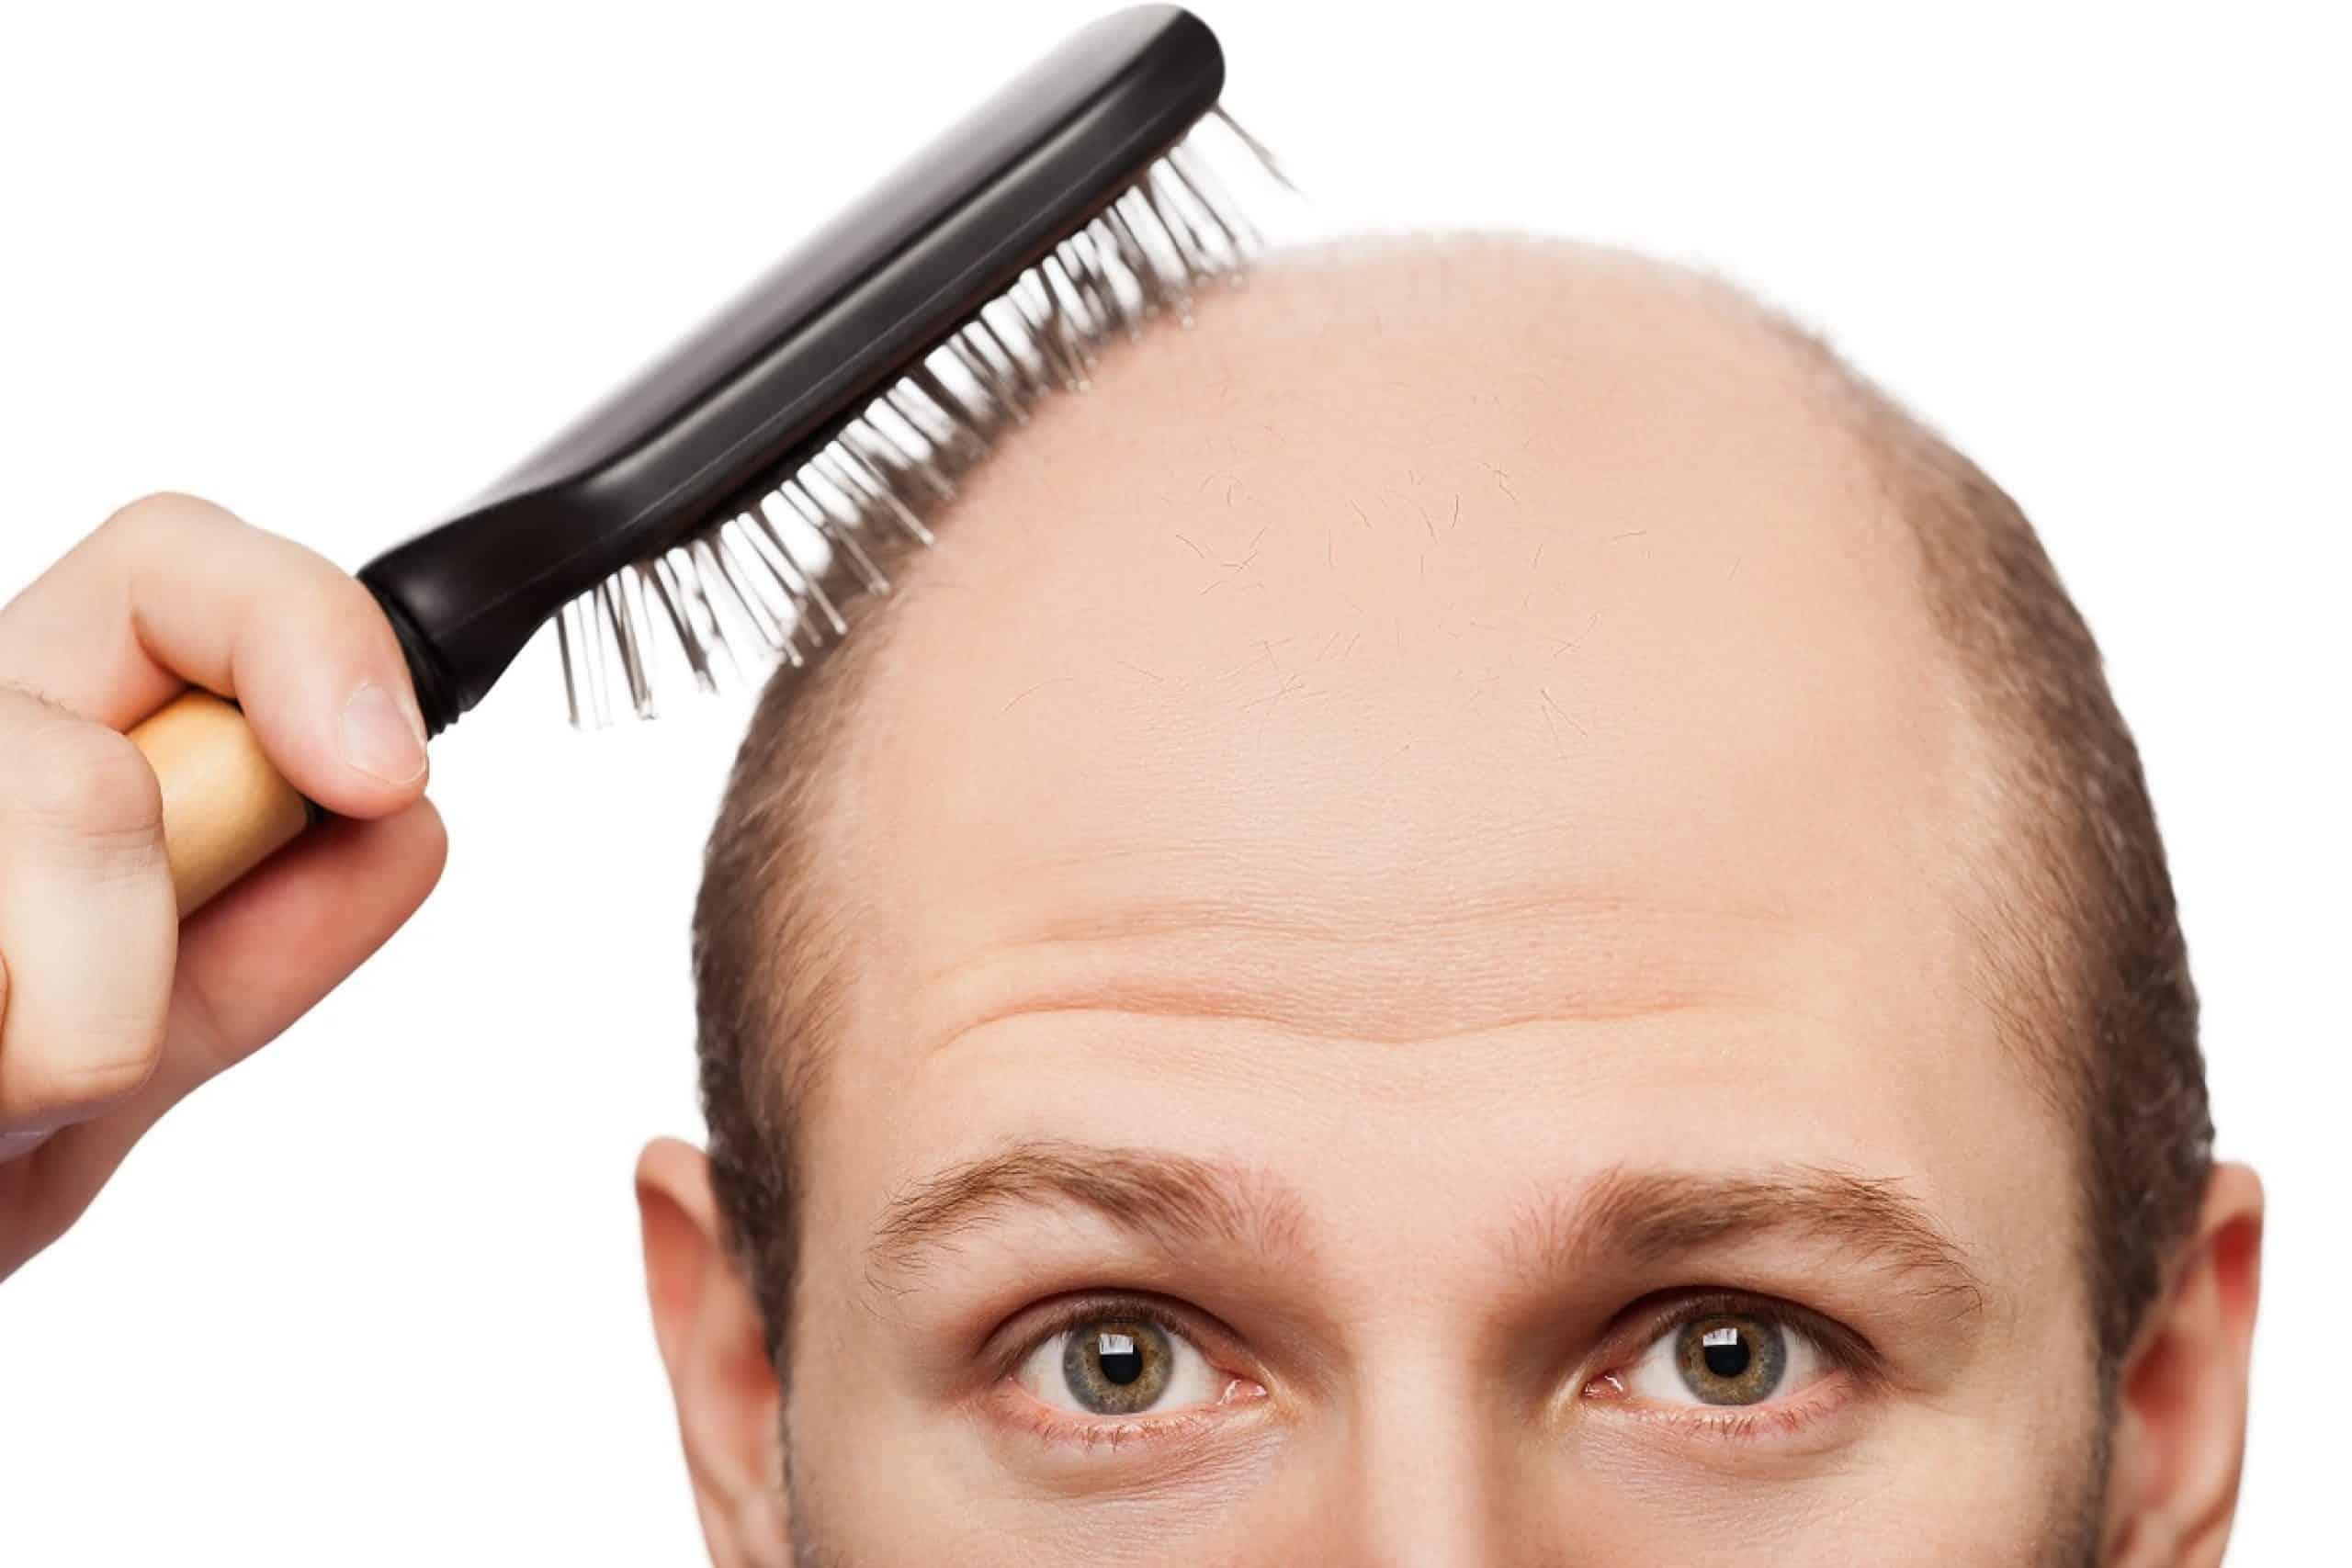 Pour la densité des cheveu les moyens efficaces